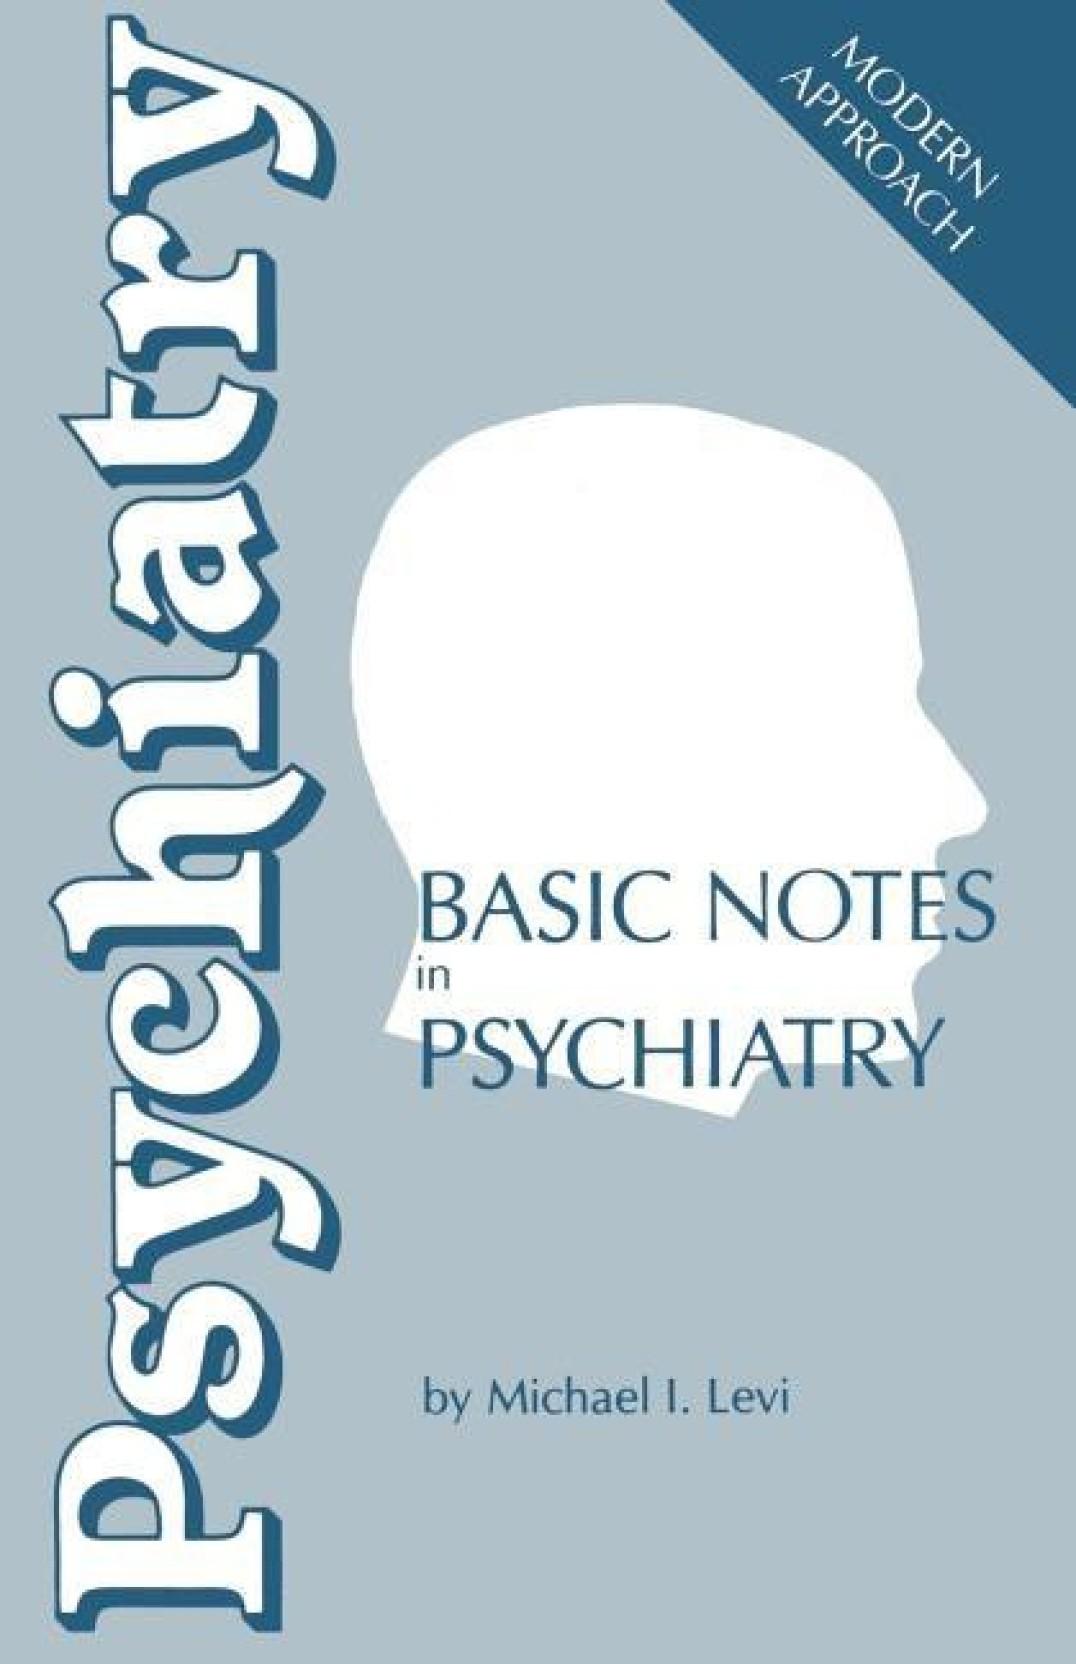 Basic Notes in Psychiatry - Buy Basic Notes in Psychiatry